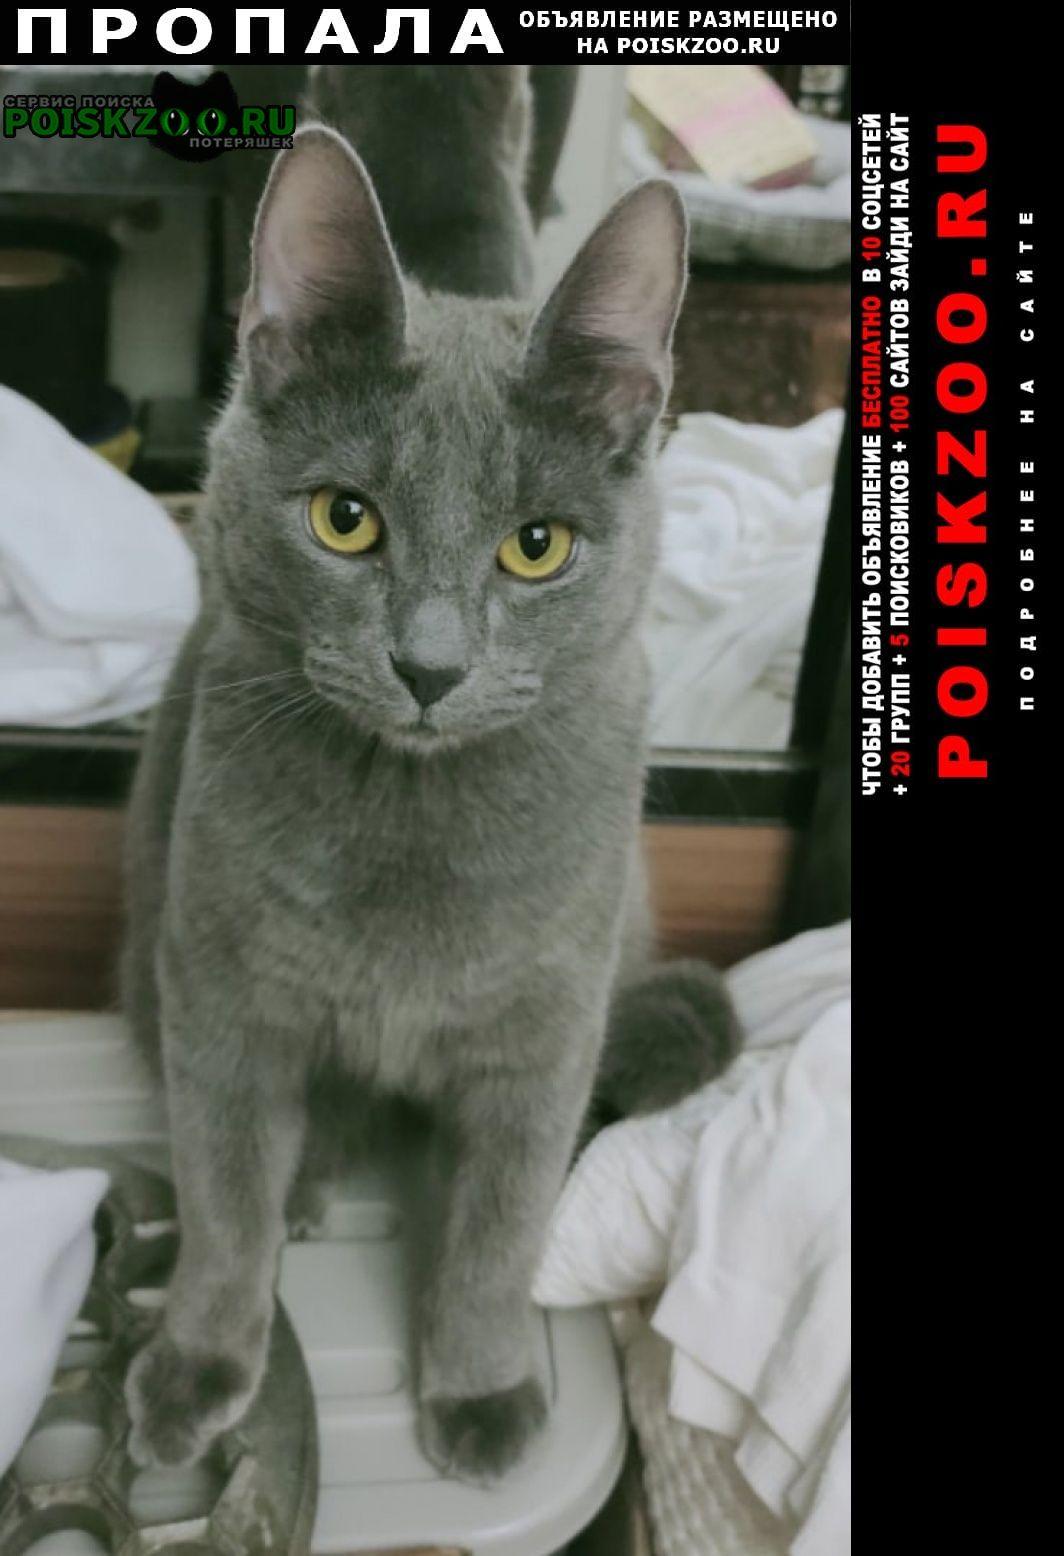 Пропал кот серый Москва